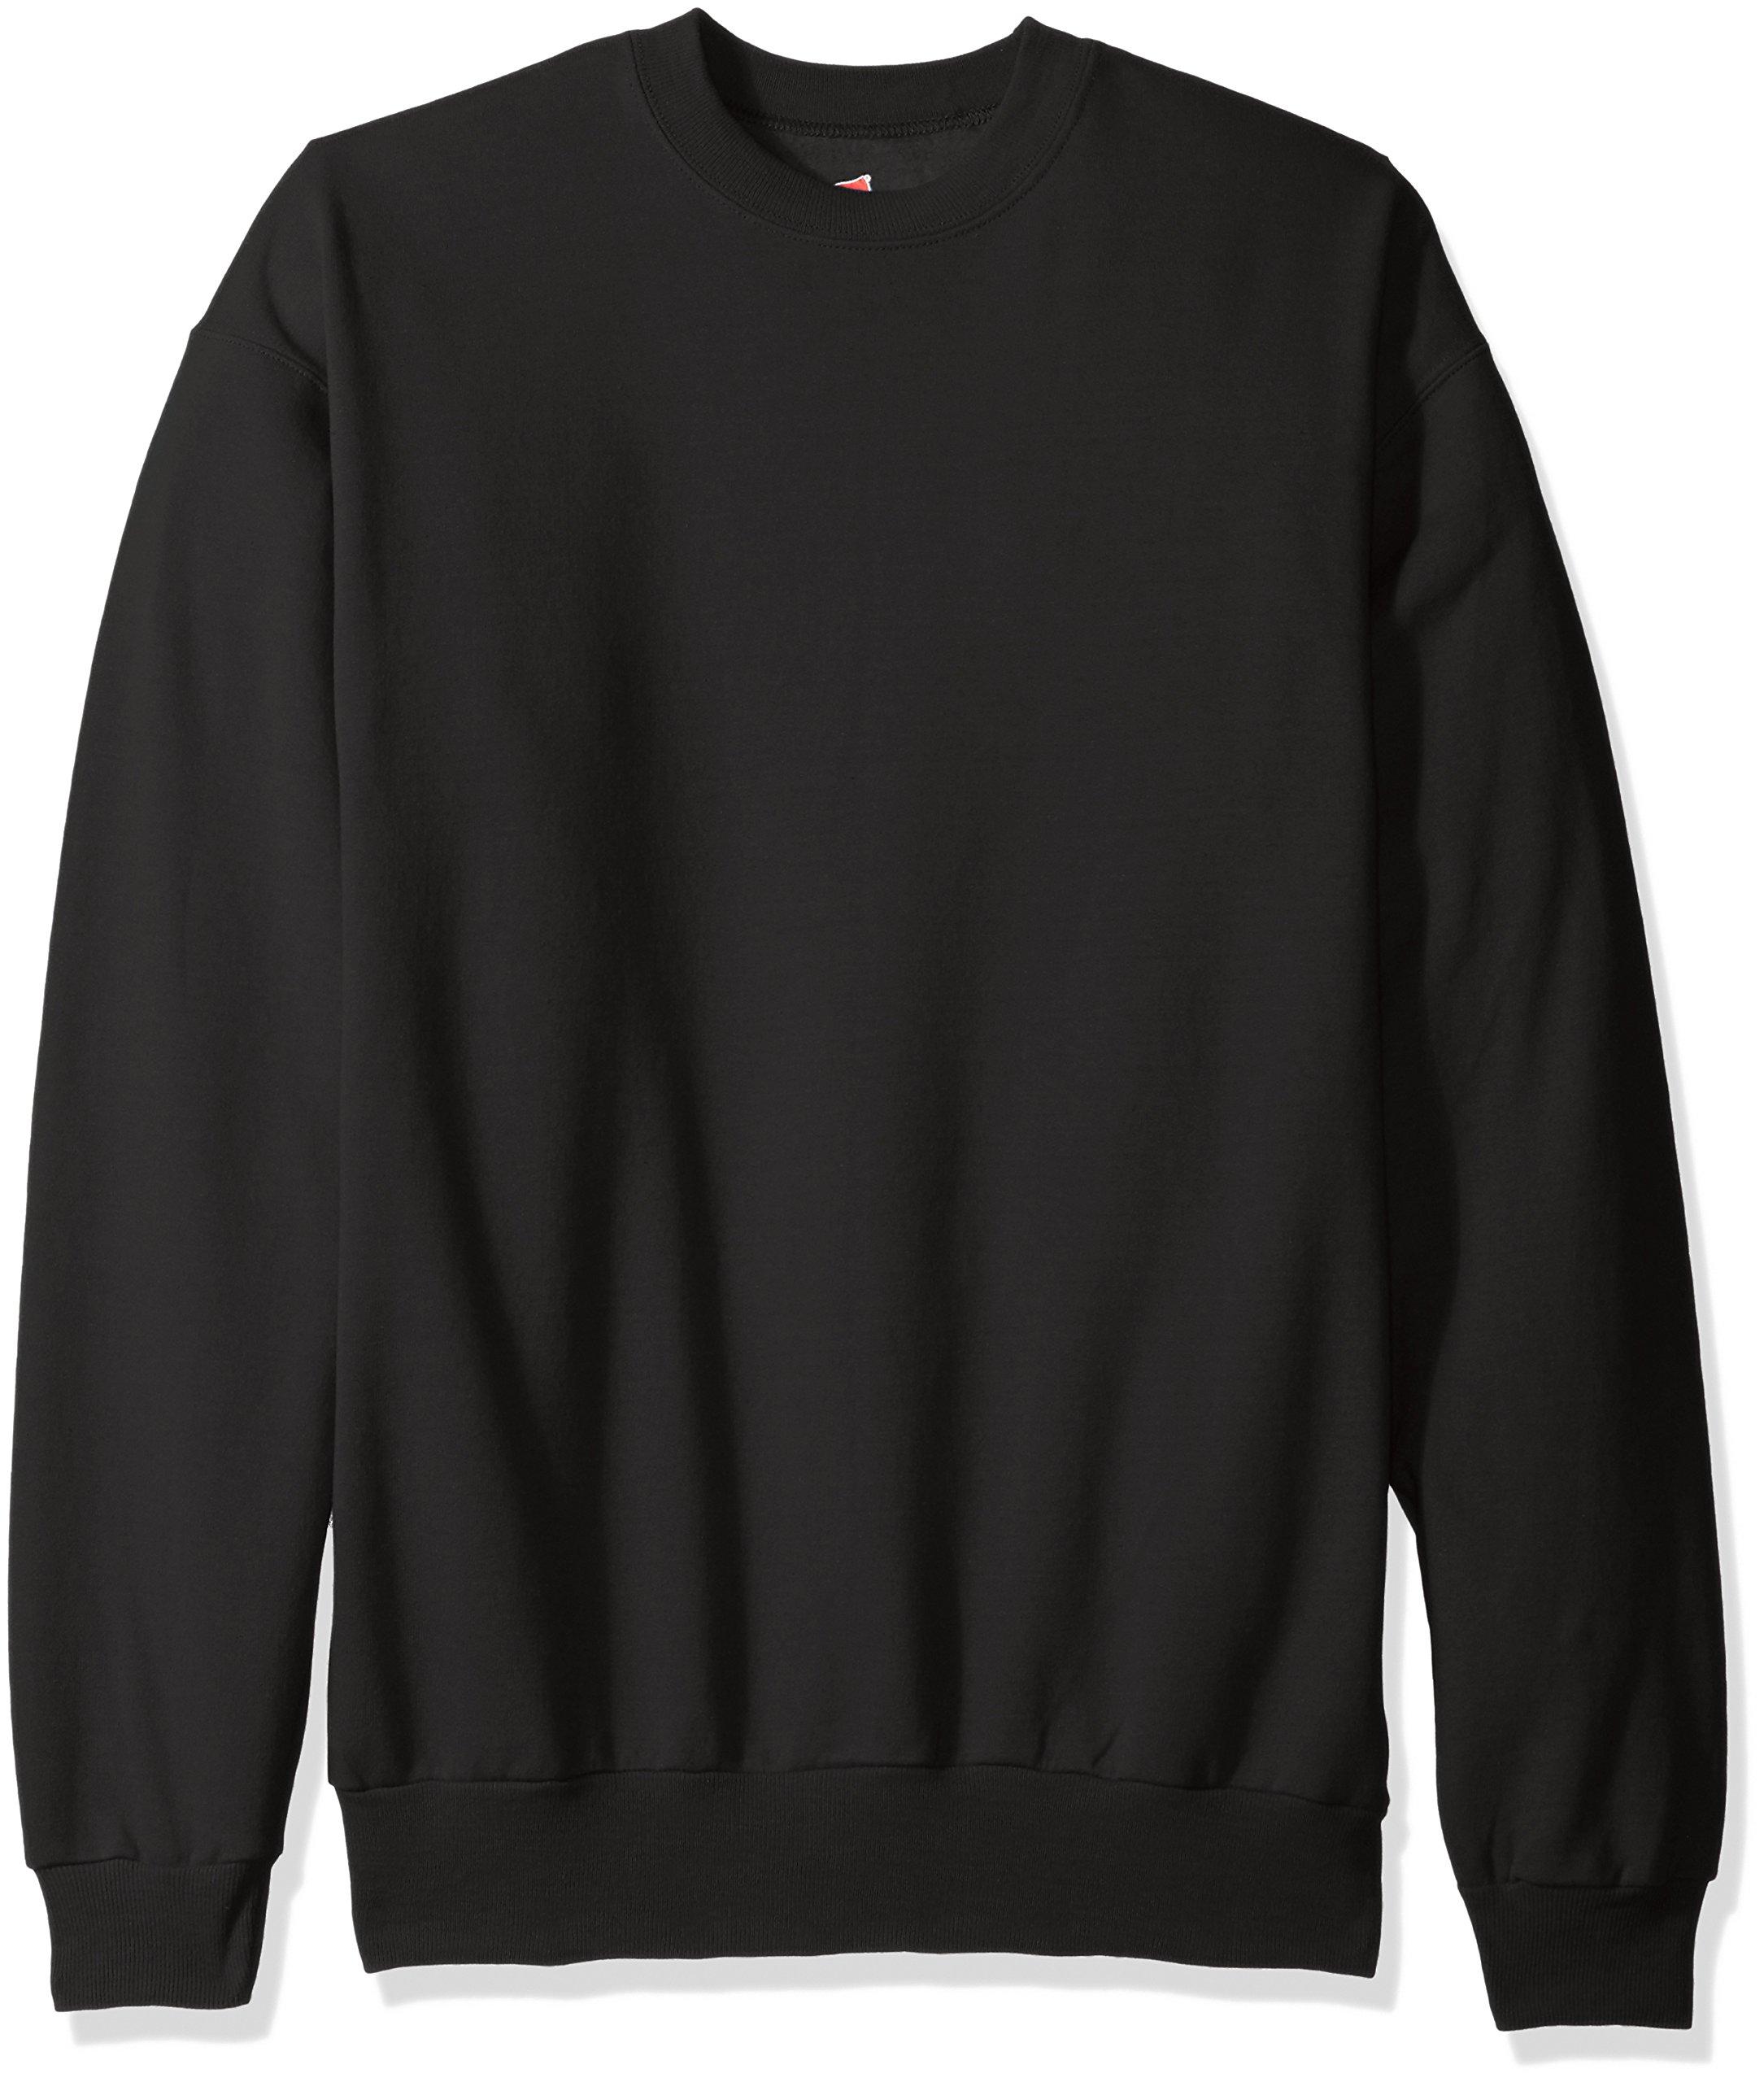 Hanes Men's EcoSmart Fleece Sweatshirt,Black,2 XL